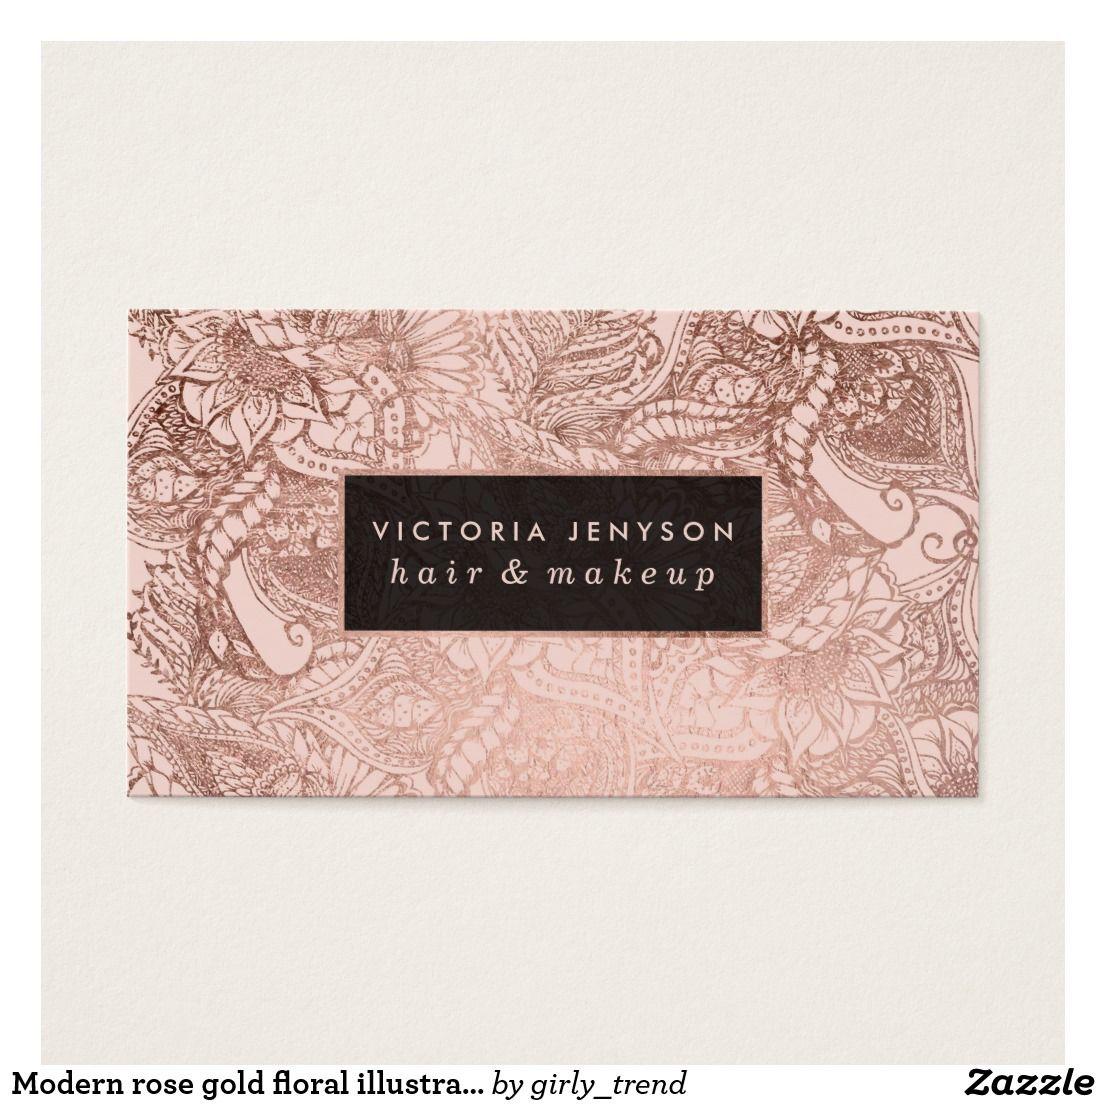 Modern rose gold floral illustration hair makeup business card ...